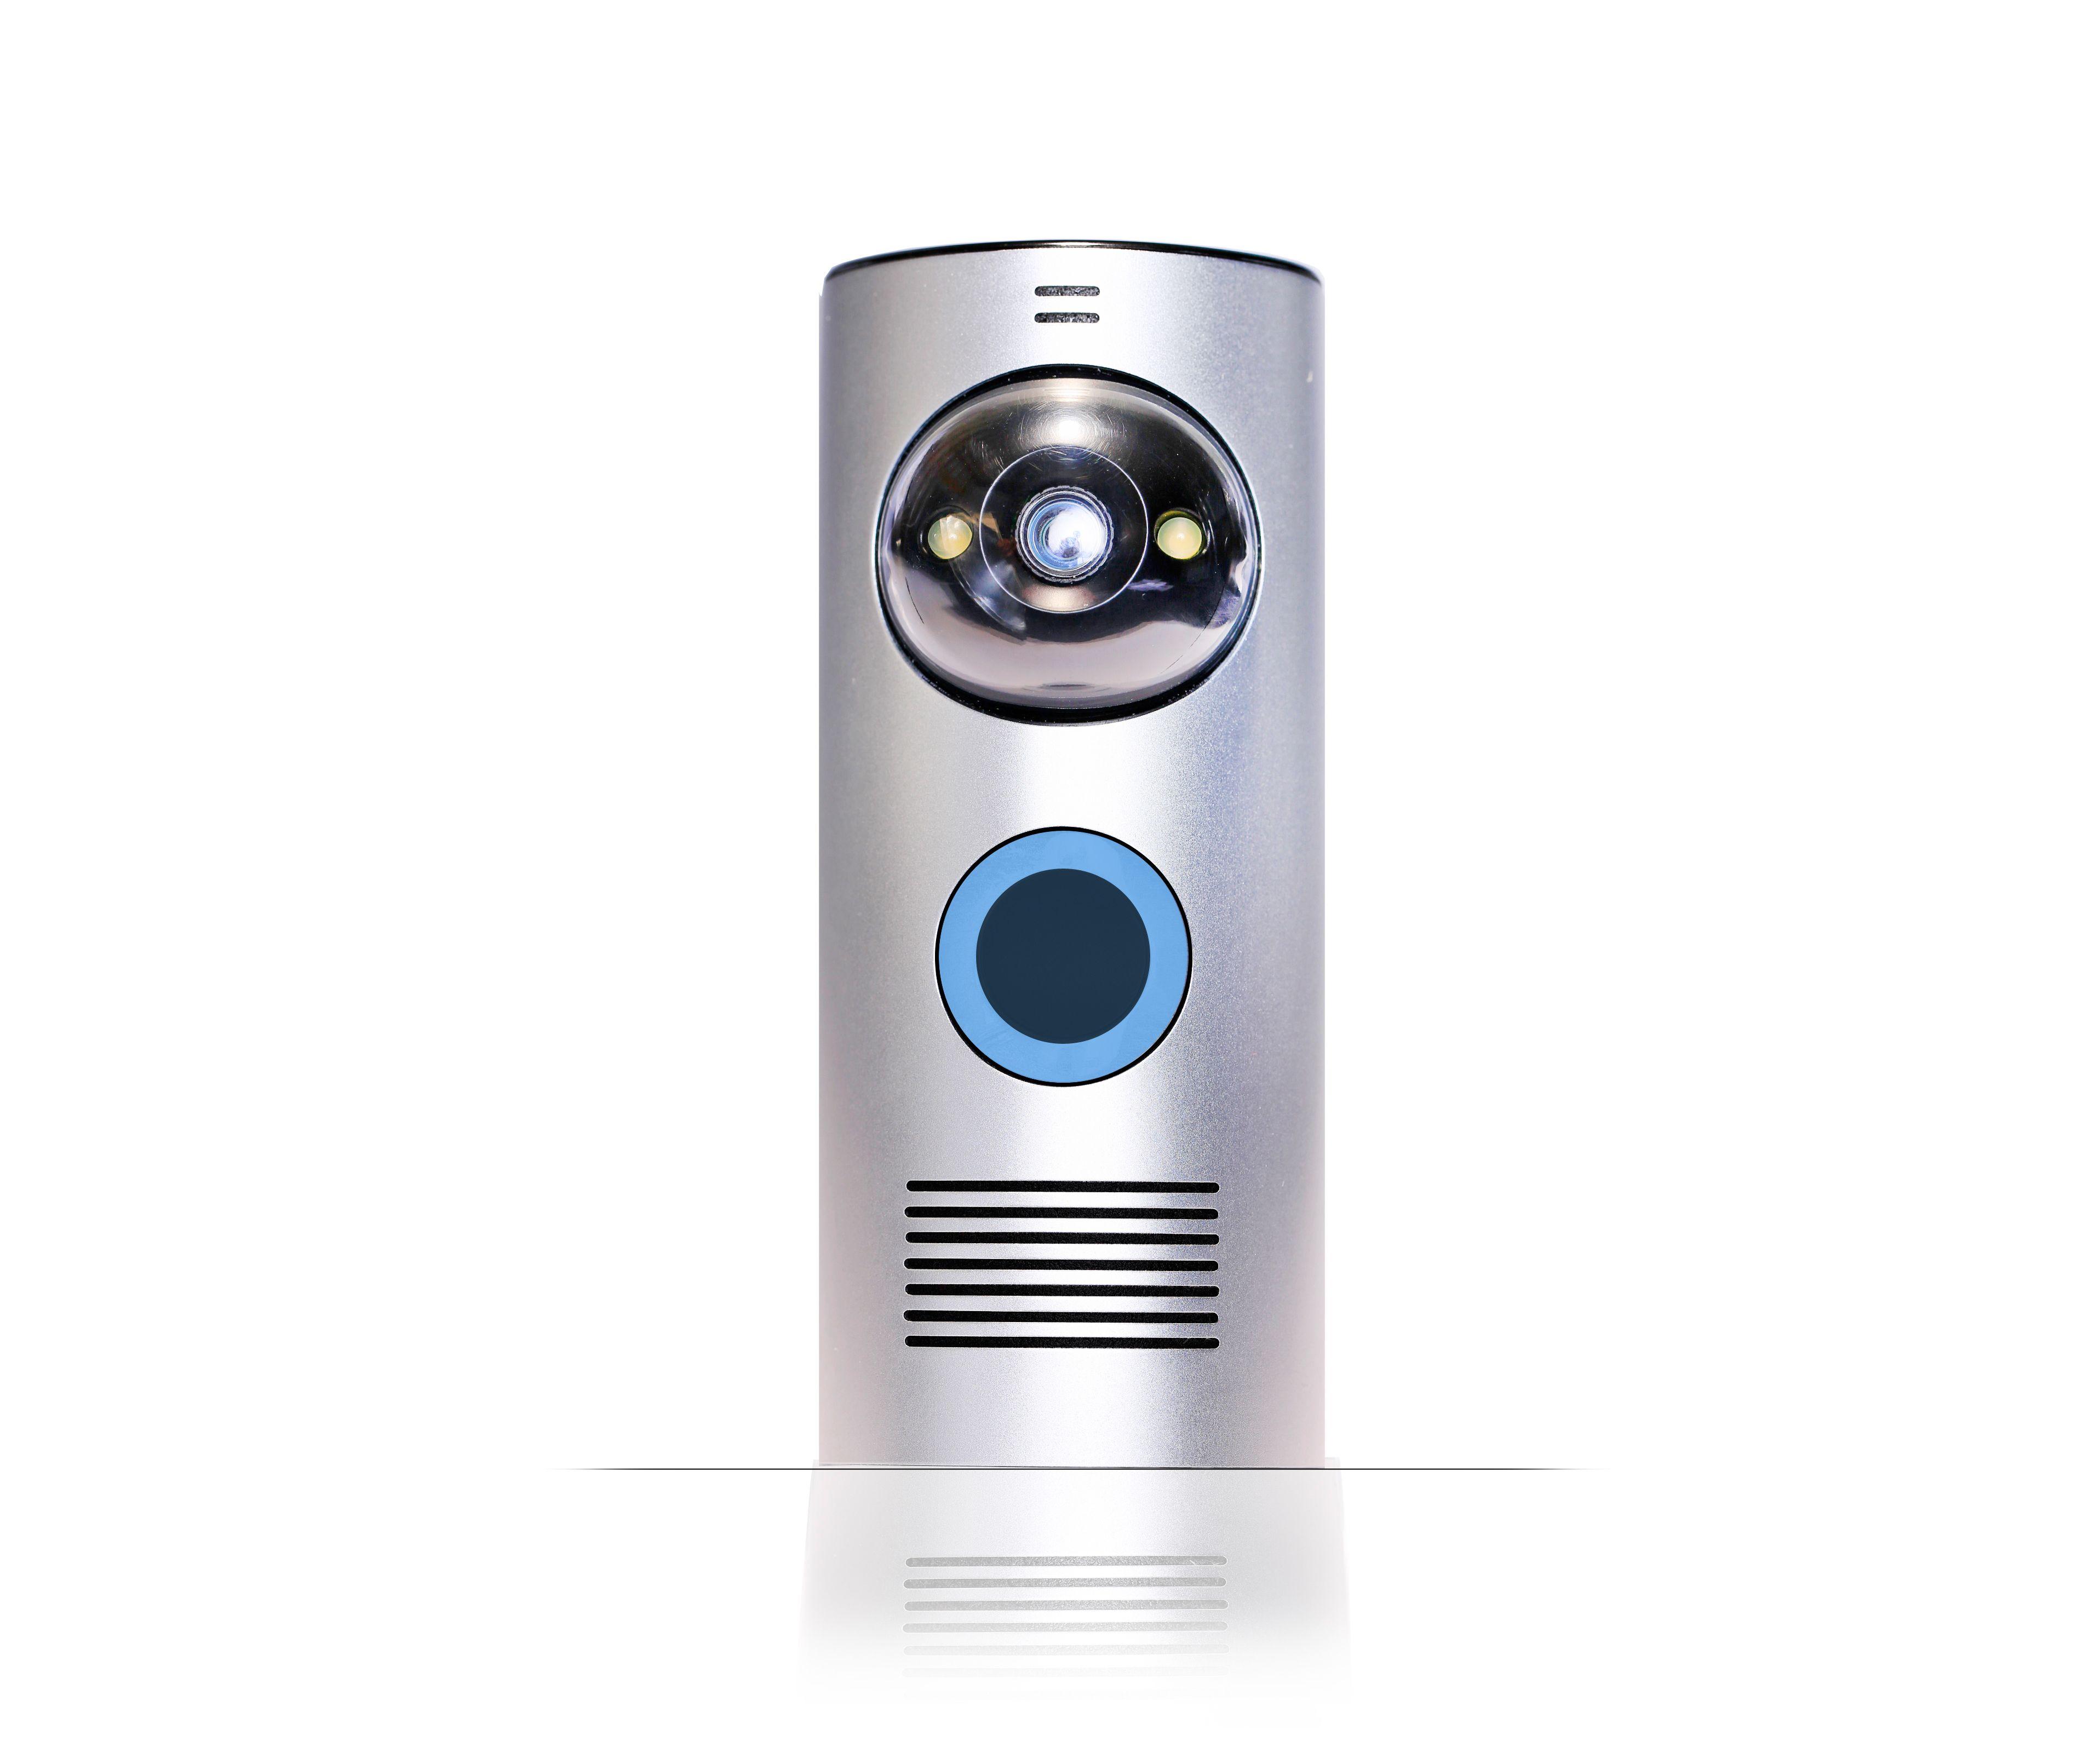 Doorbot The Video Doorbell For Your Smarthome Video Doorbell Doorbell Smart Home